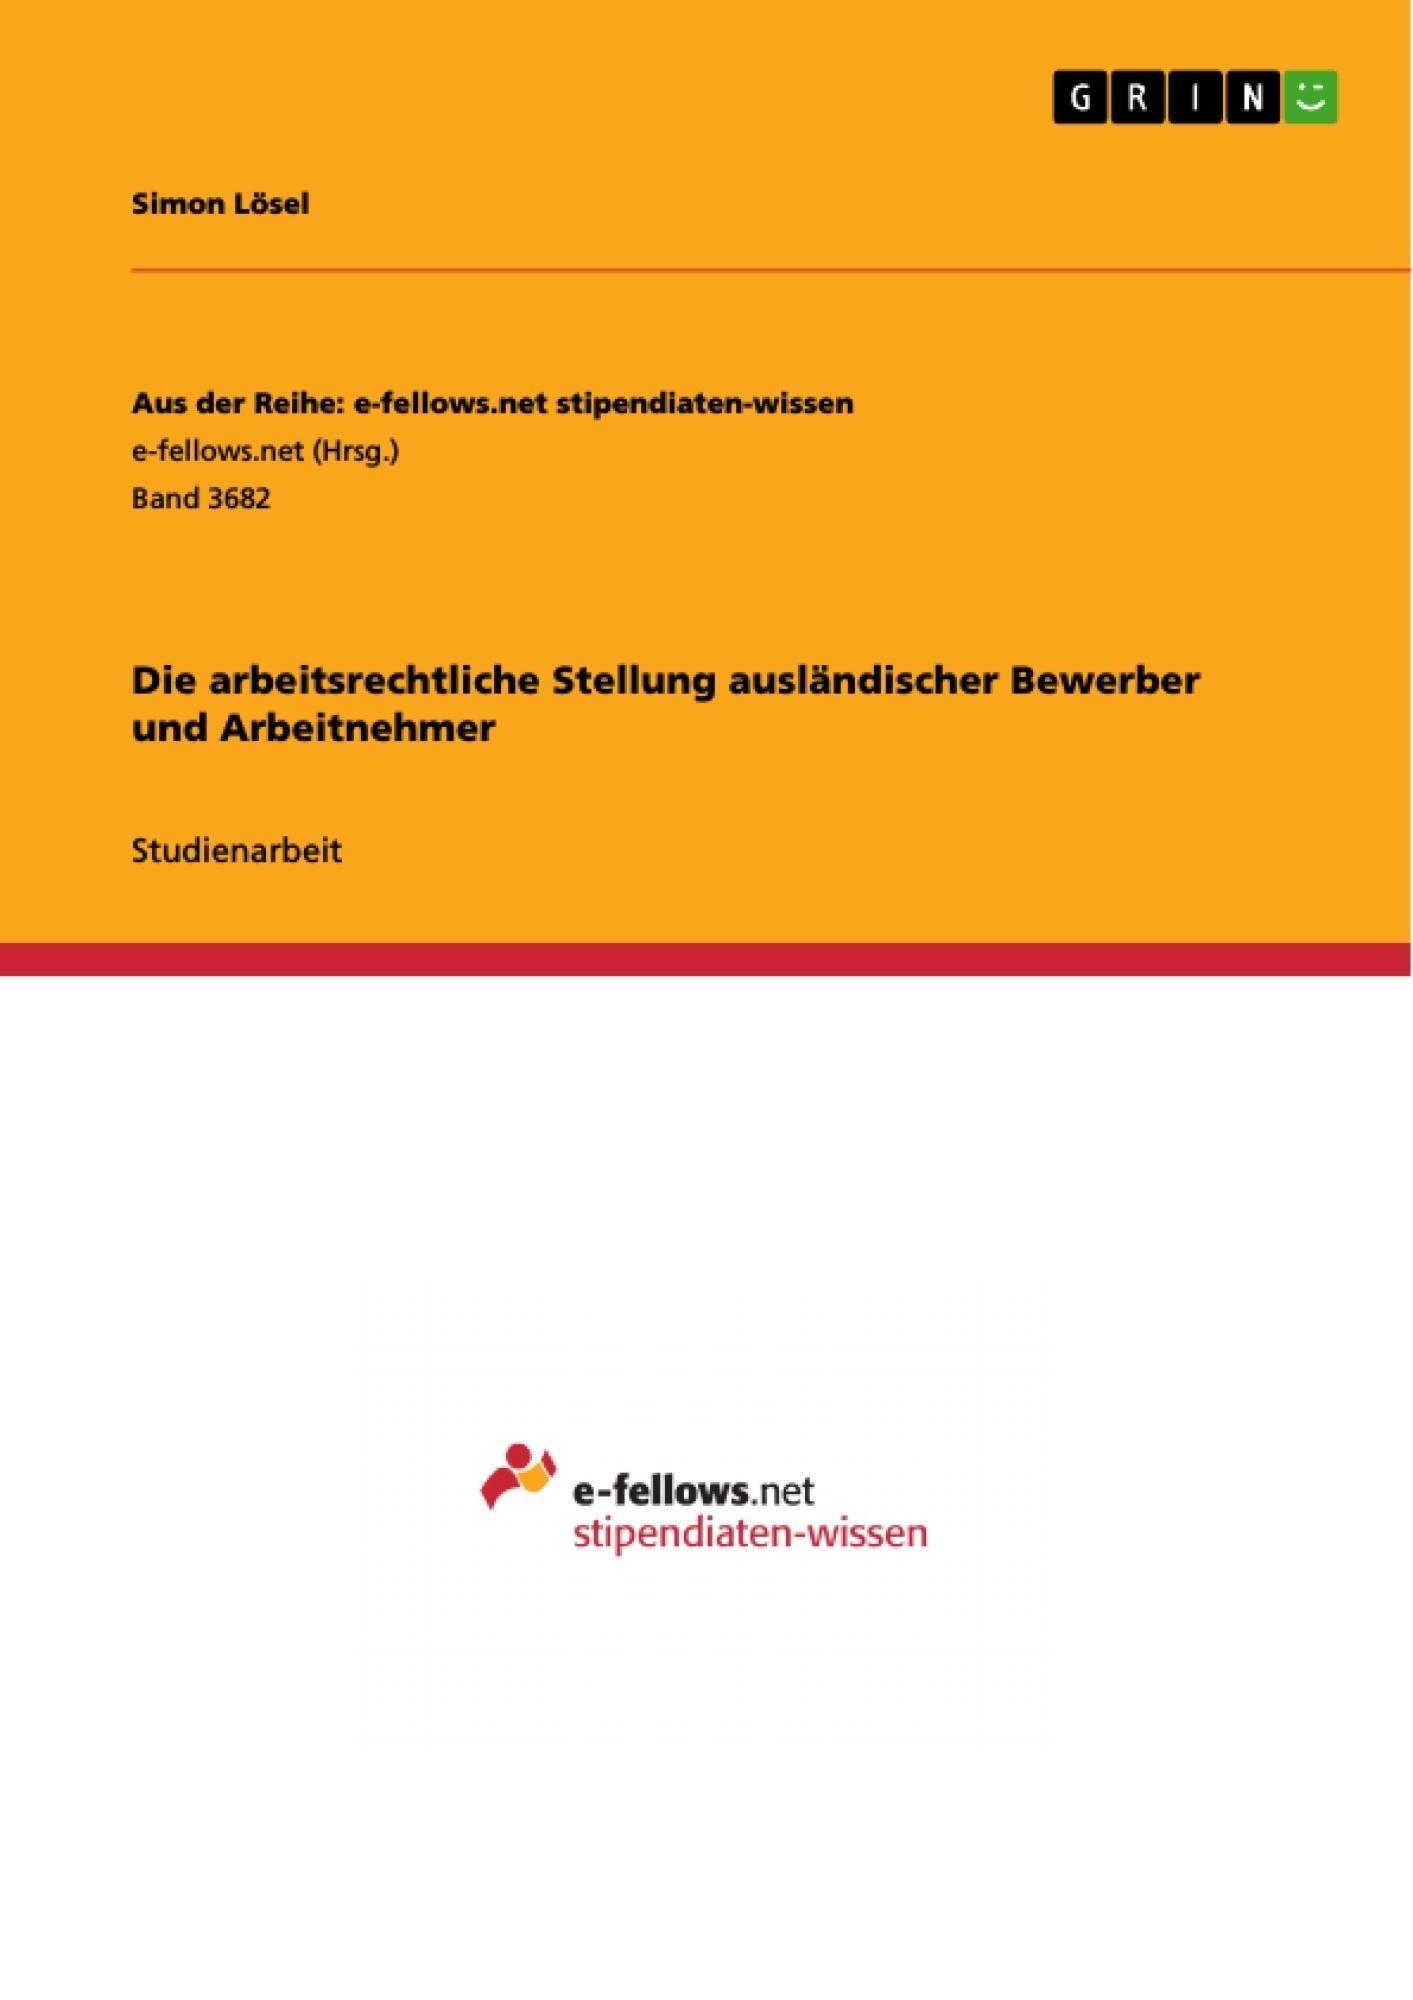 Titel: Die arbeitsrechtliche Stellung ausländischer Bewerber und Arbeitnehmer